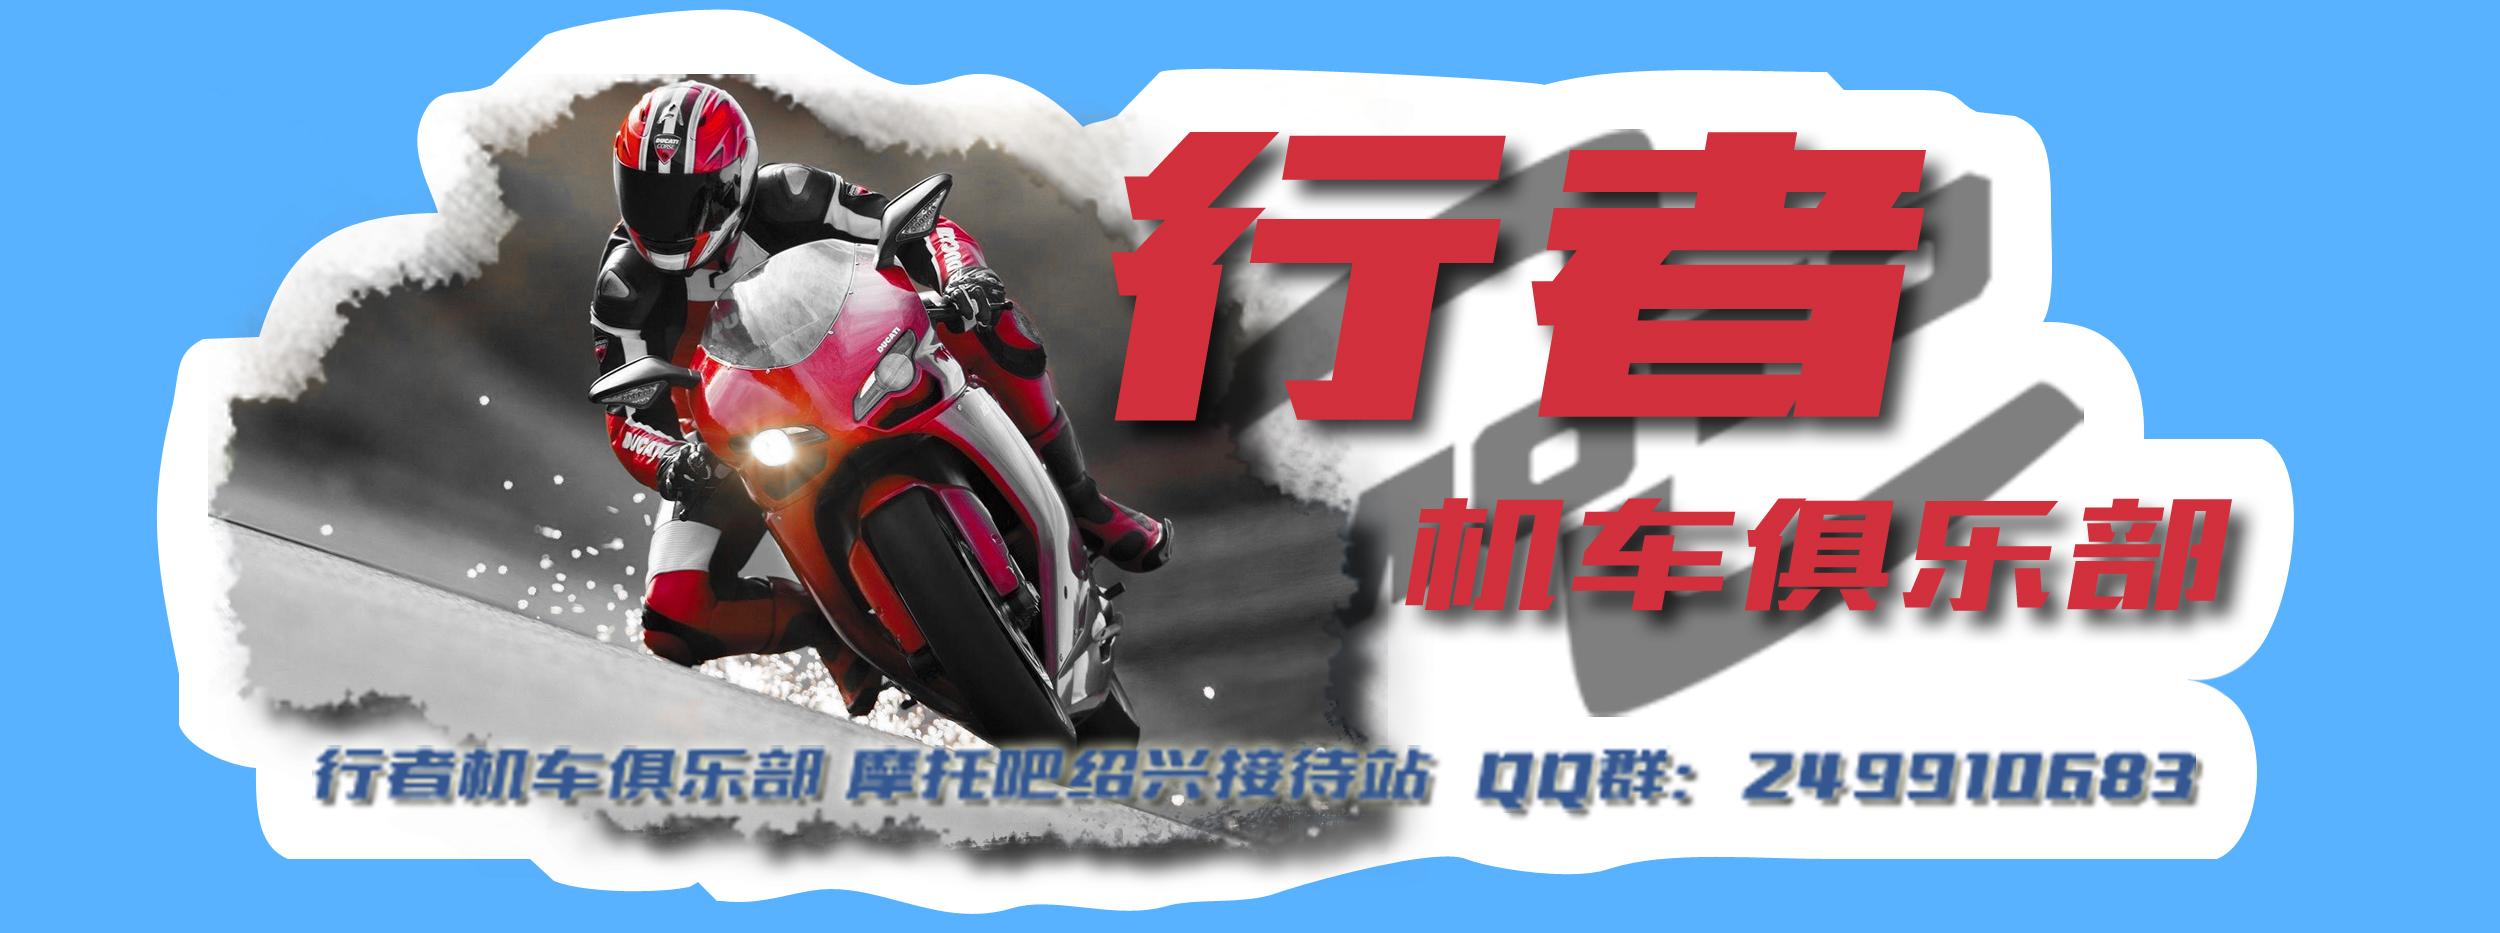 绍兴市越城区行者机车电动车店